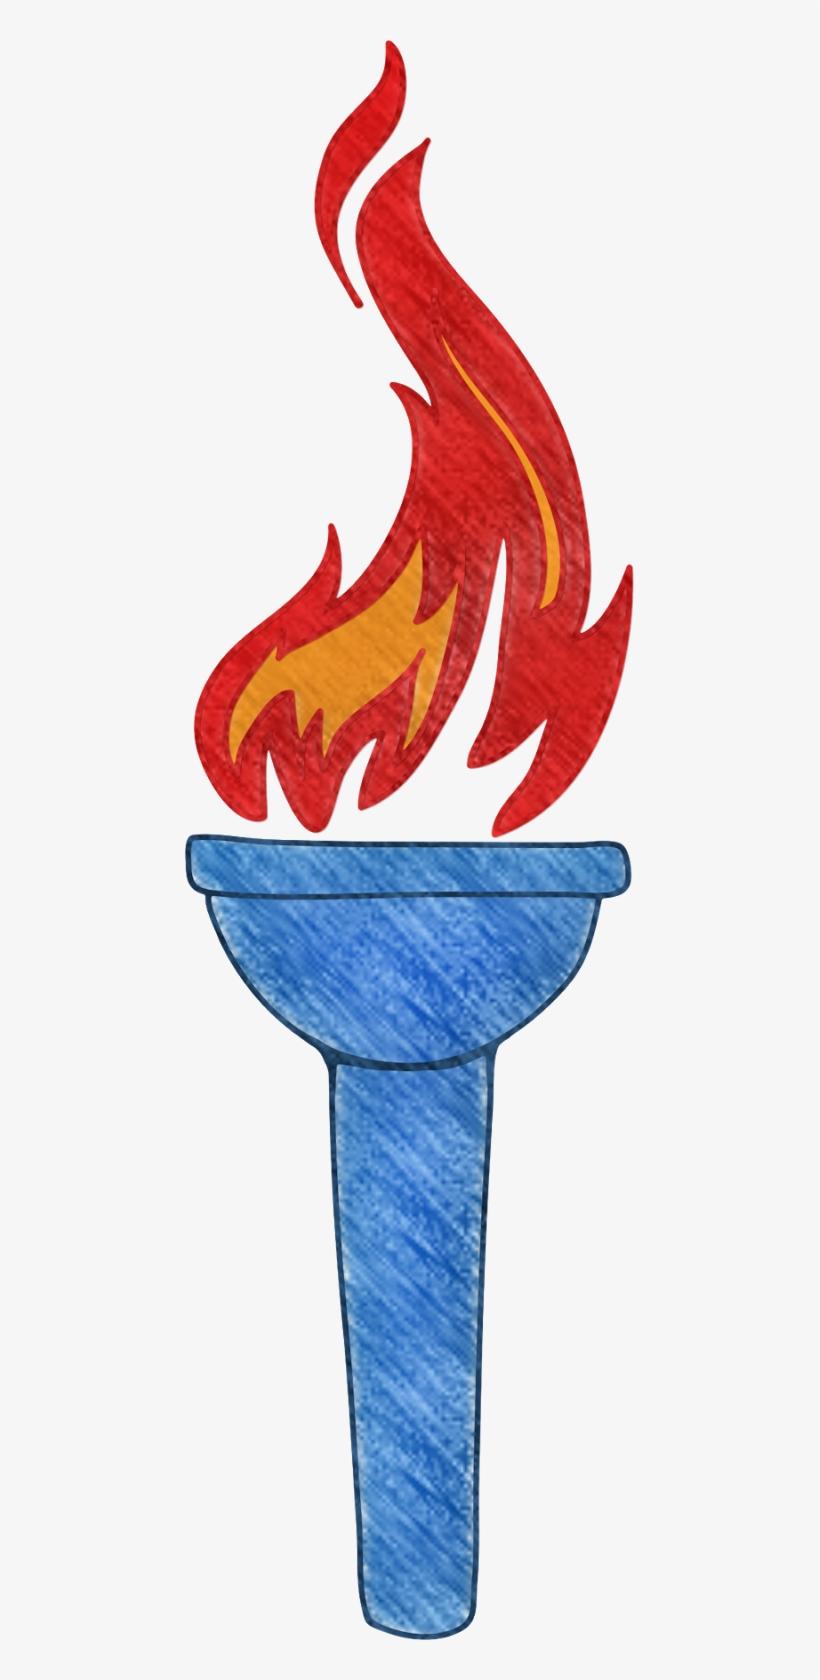 картинка олимпийский огонь на прозрачном фоне этой статье расскажем